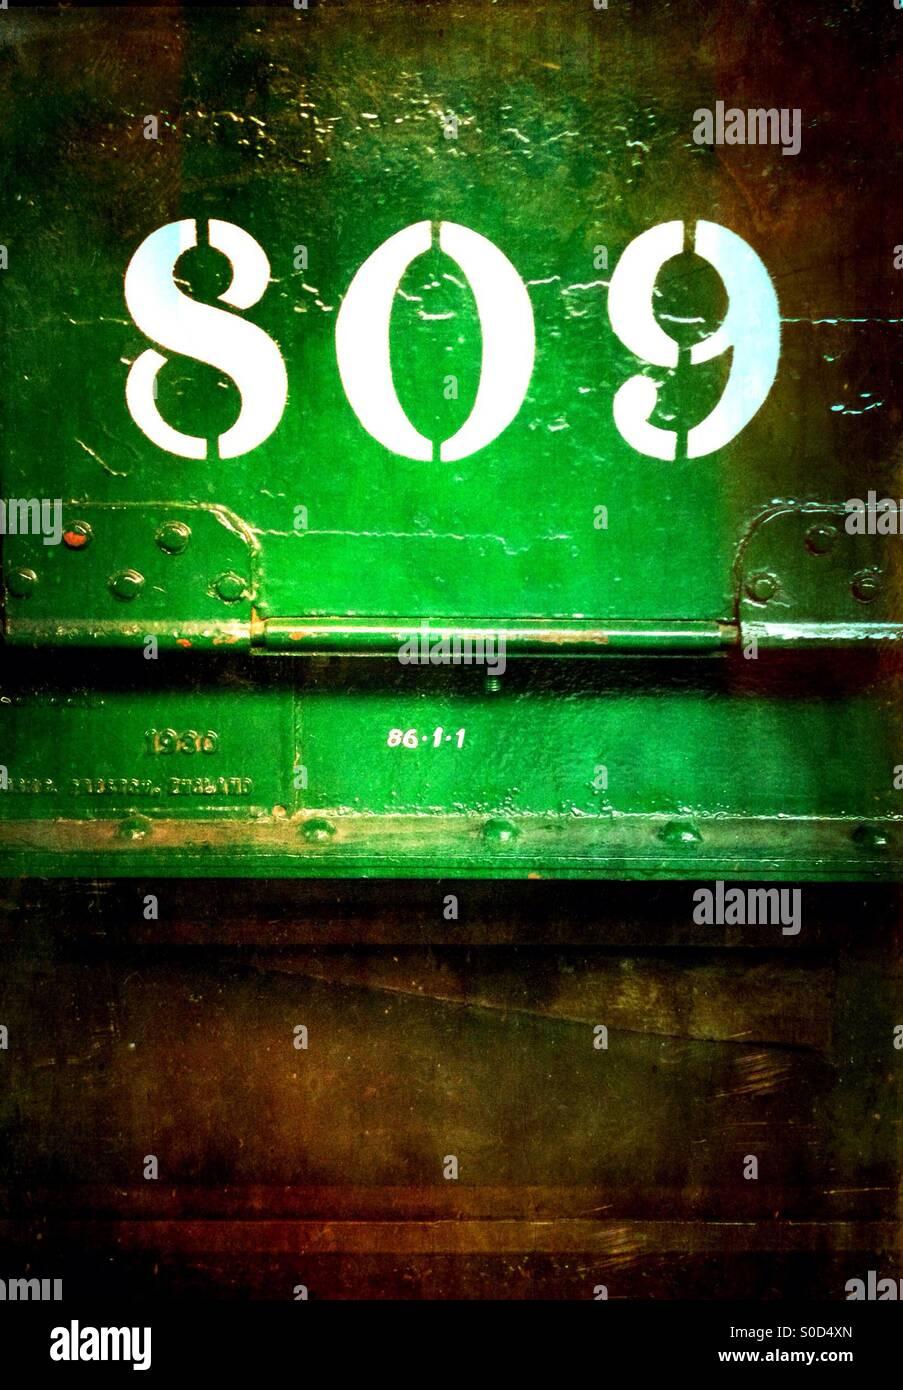 """Grünen Zug Wagen mit der Nummer """"809"""" übertragen auf Stockbild"""